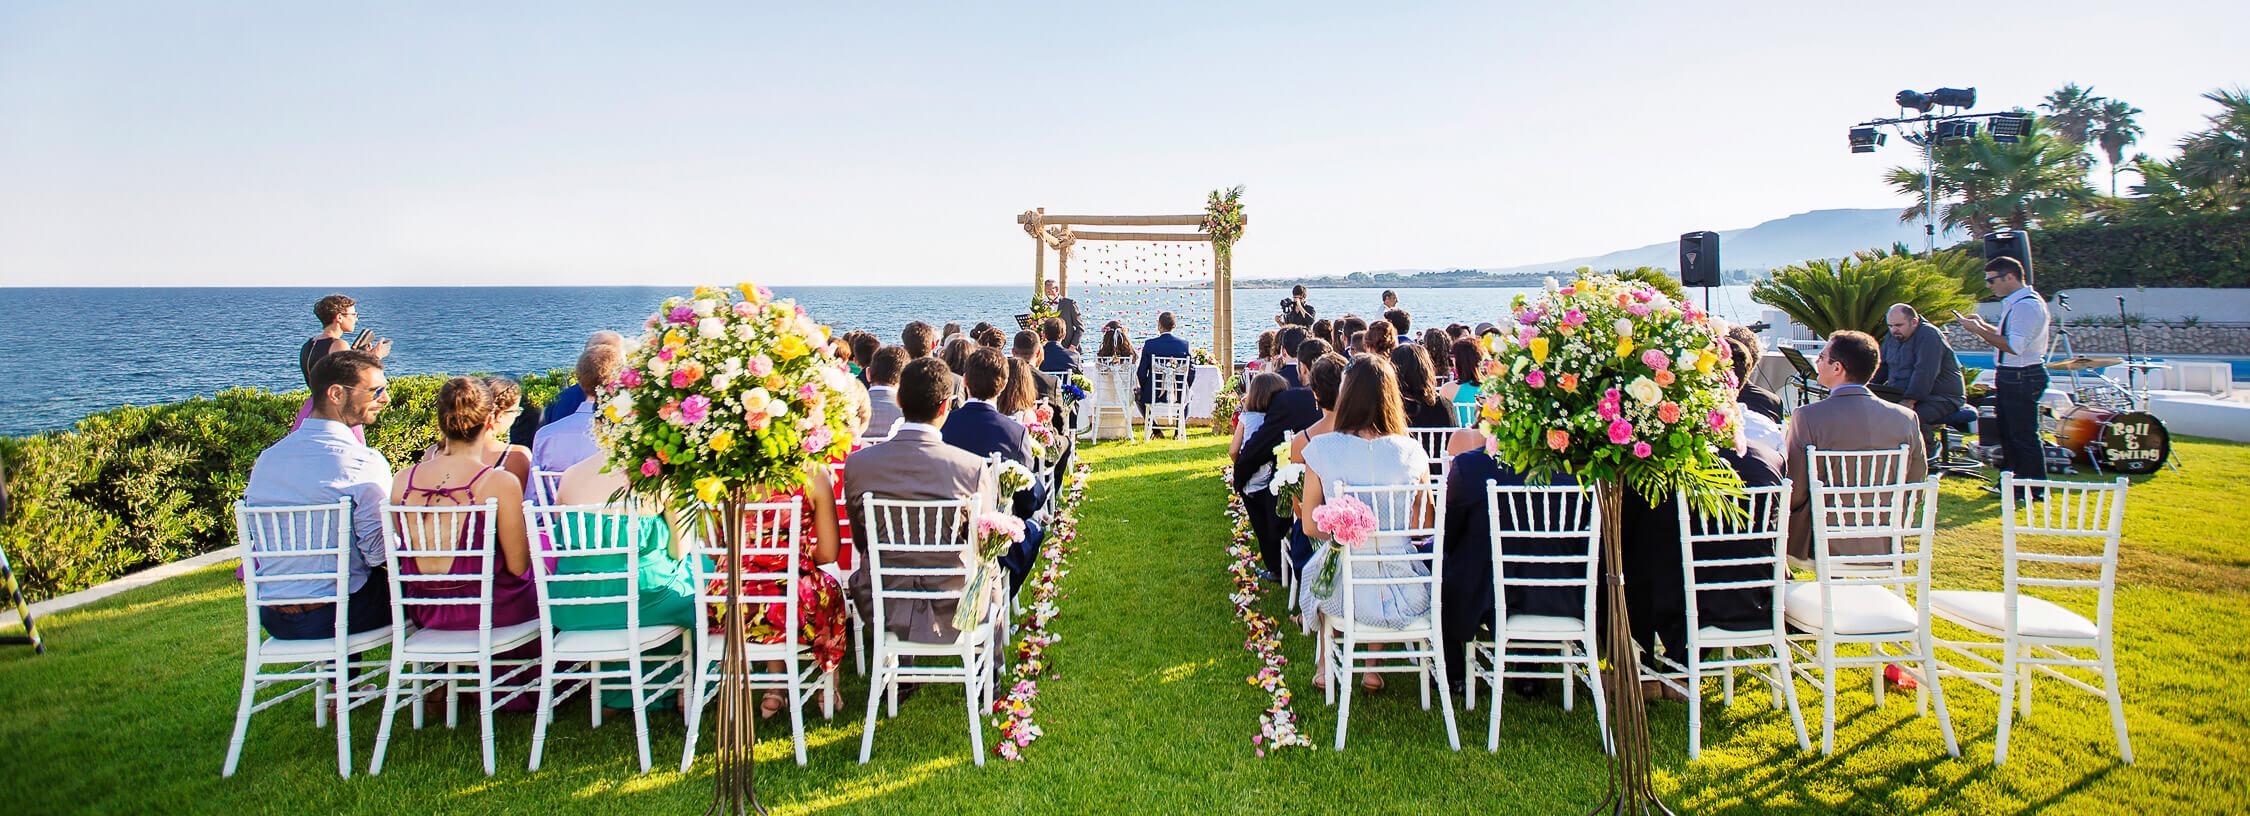 Servizio fotografico a Siracusa, Matrimonio simbolico a Villa Barresi, Fotografo matrimoni Sicilia Nino Lombardo